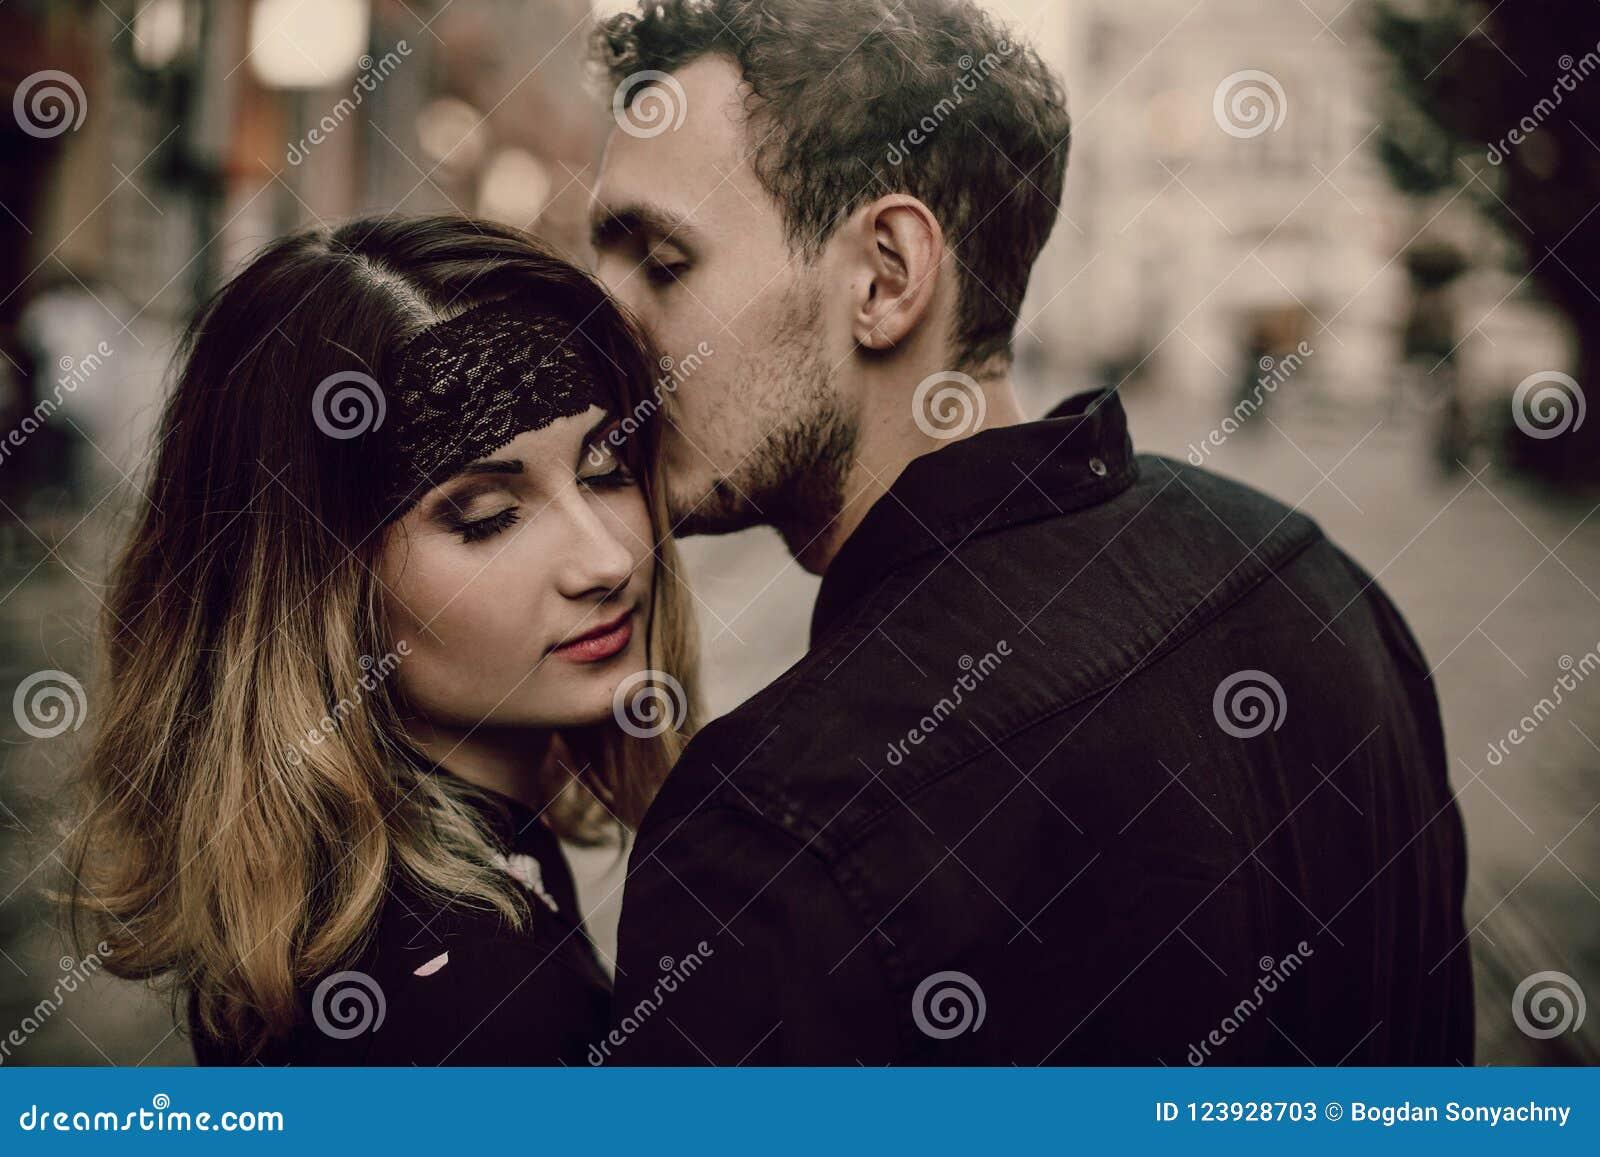 Κινηματογράφηση σε πρώτο πλάνο ενός ρομαντικού ζεύγους που φιλά, όμορφο γενειοφόρο φιλί ατόμων